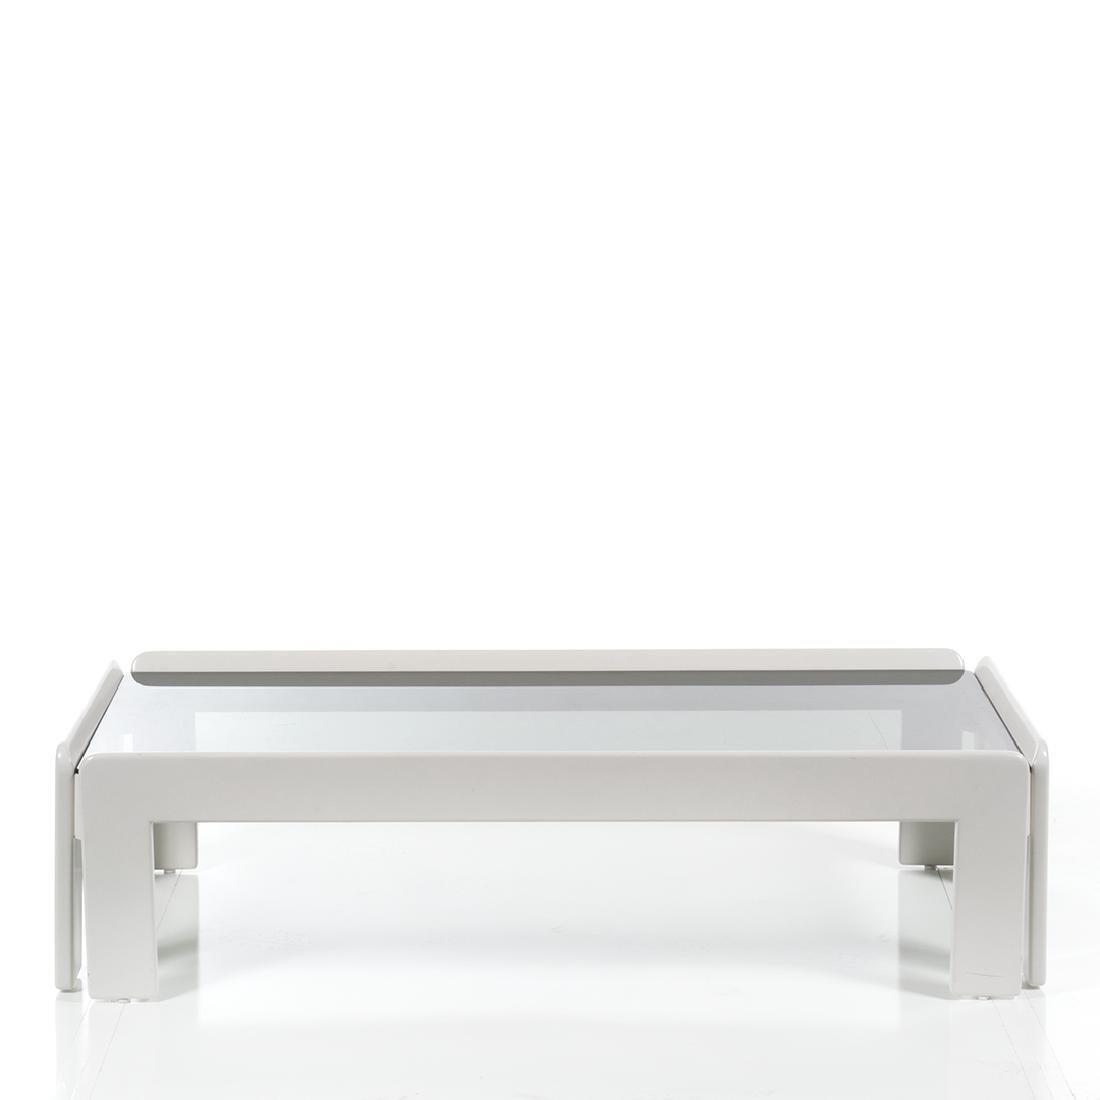 Vico Magistretti Lacquered Coffee Table